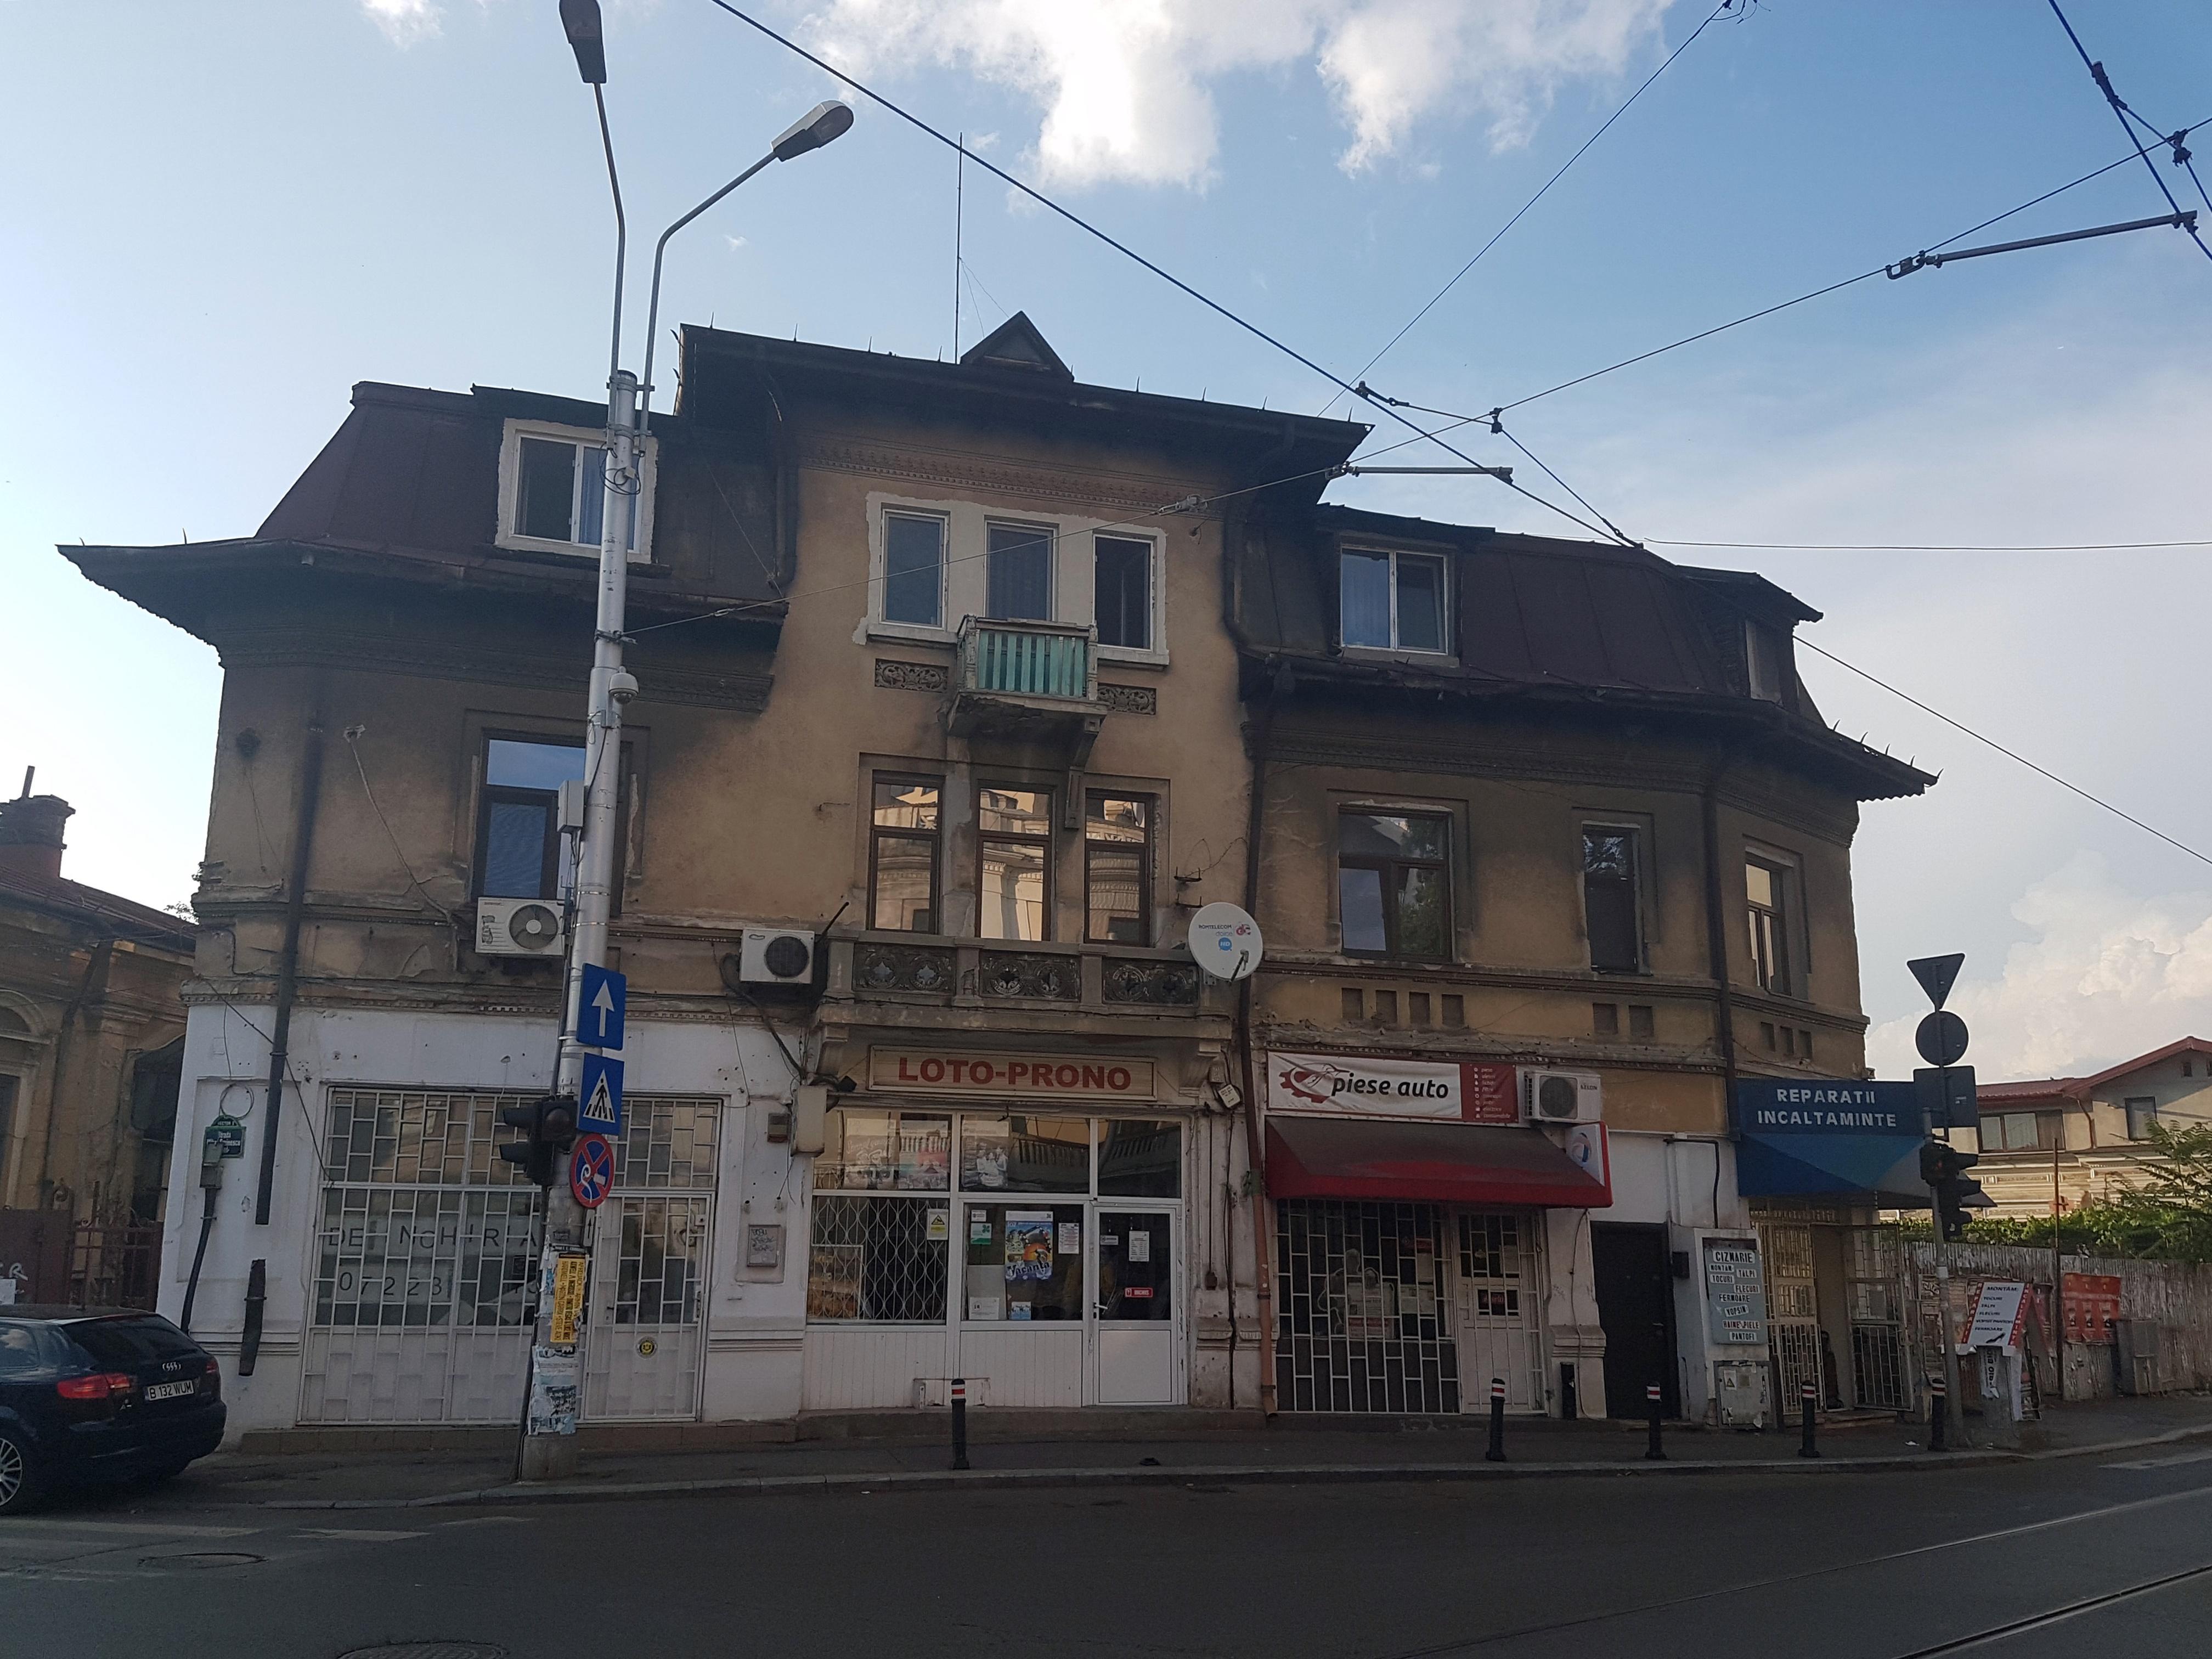 Un bloc cu patru etaje ar putea apărea în zona protejată Mihai Eminescu, vizavi de casa Henrieta Delavrancea, monument istoric. Cum a fost distrusă zona în ultimii 15 ani 31